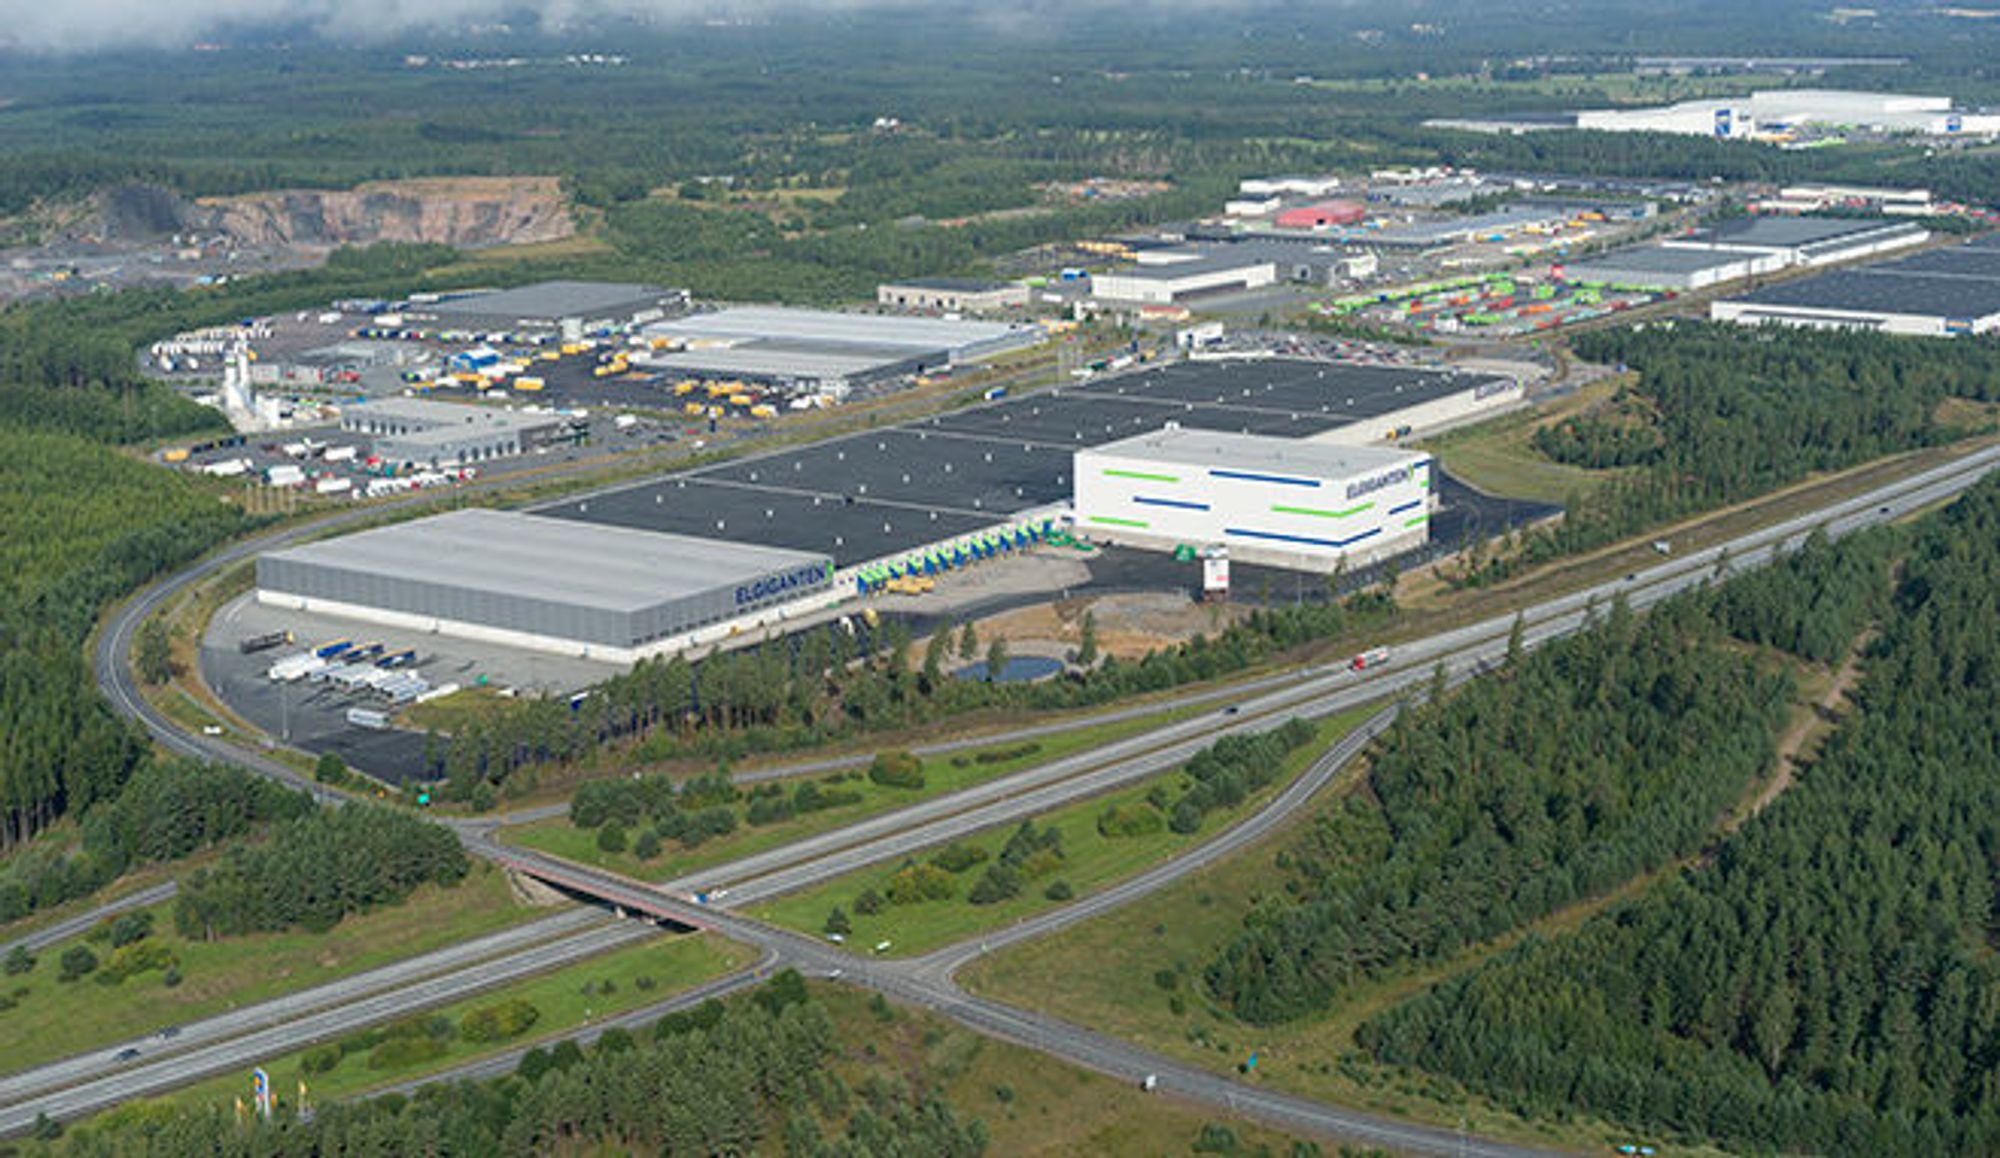 Slik ser det gigantiske Elkjøp Nordic-lageret i Jönköping ut fra luften.